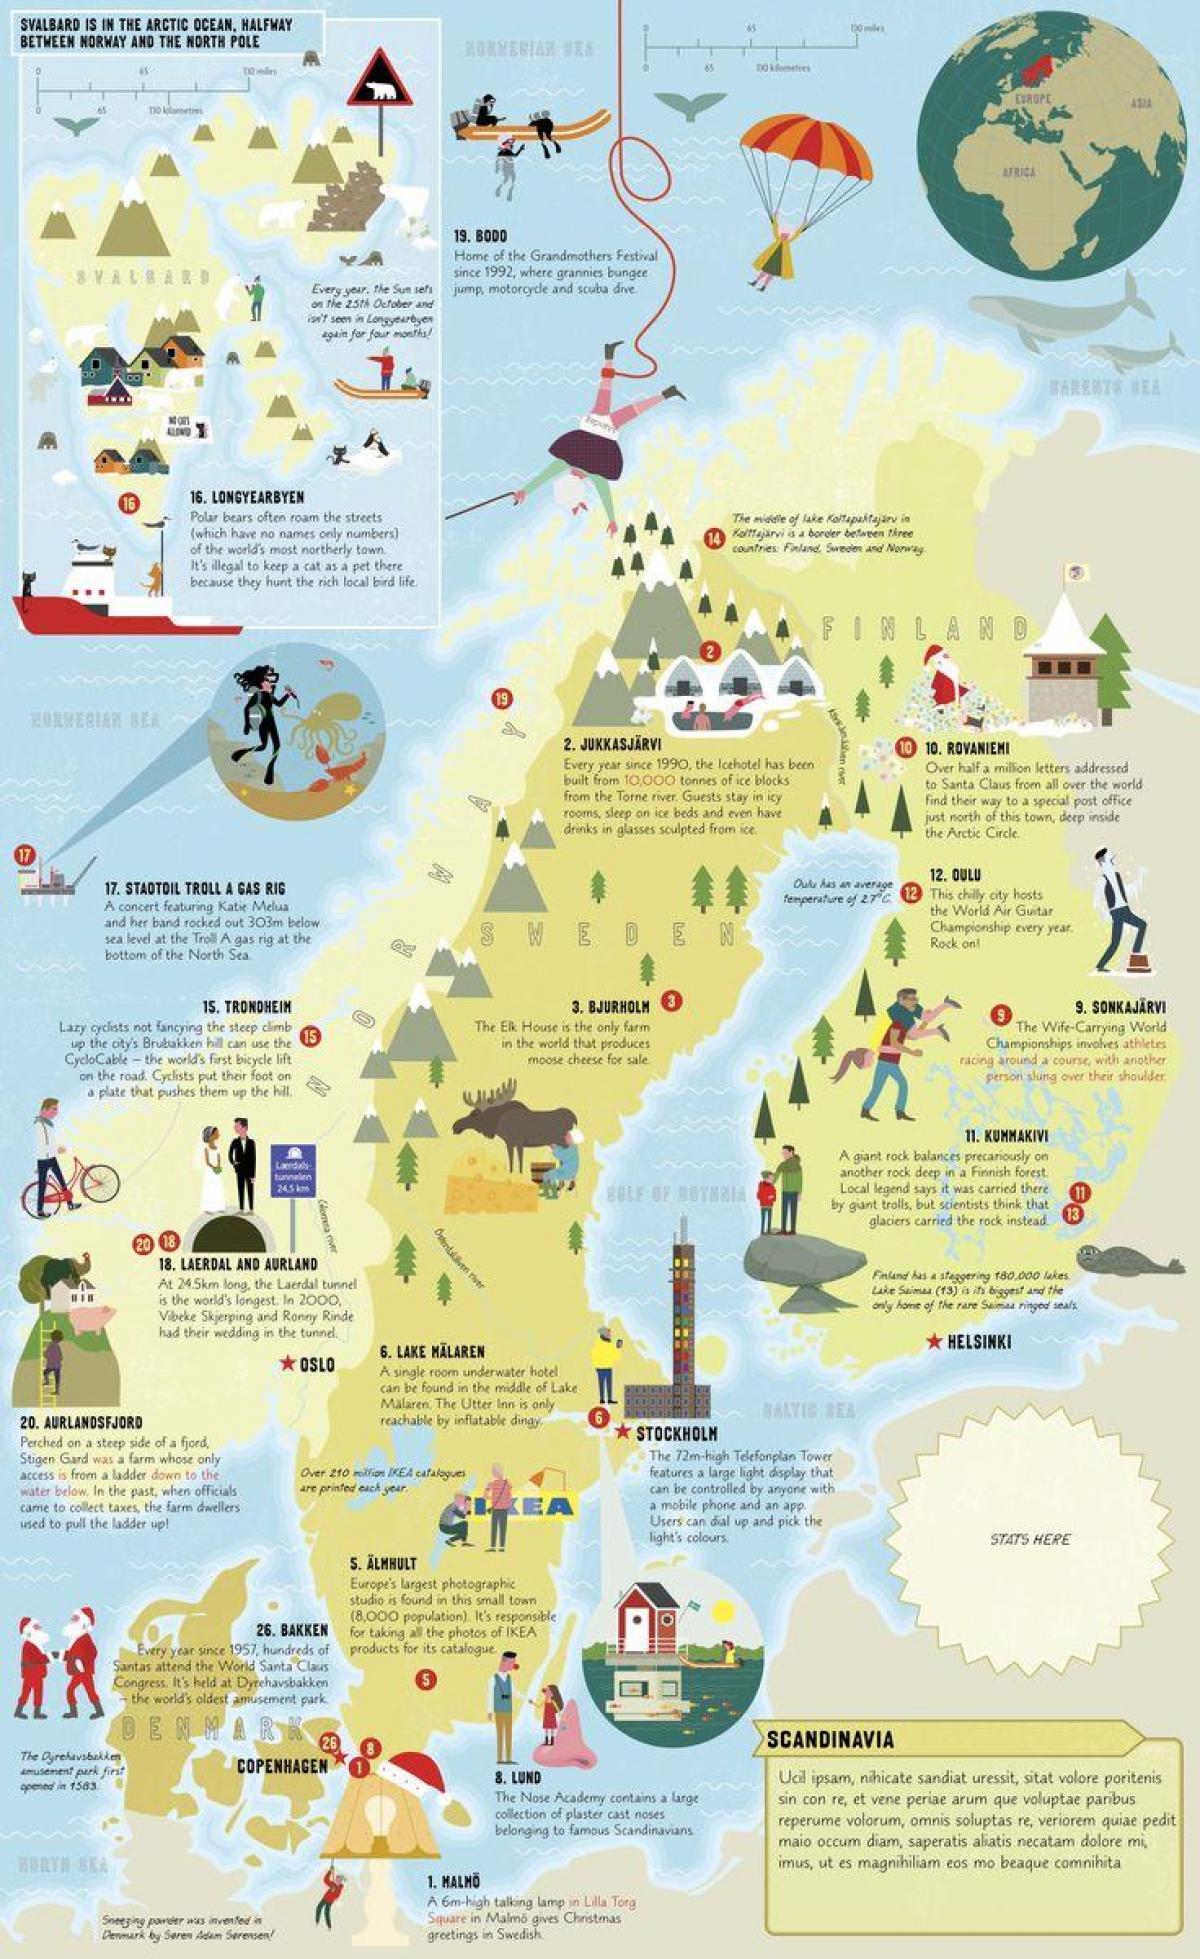 Ruotsin Nahtavyydet Kartta Ruotsi Vetovoima Kartta Pohjois